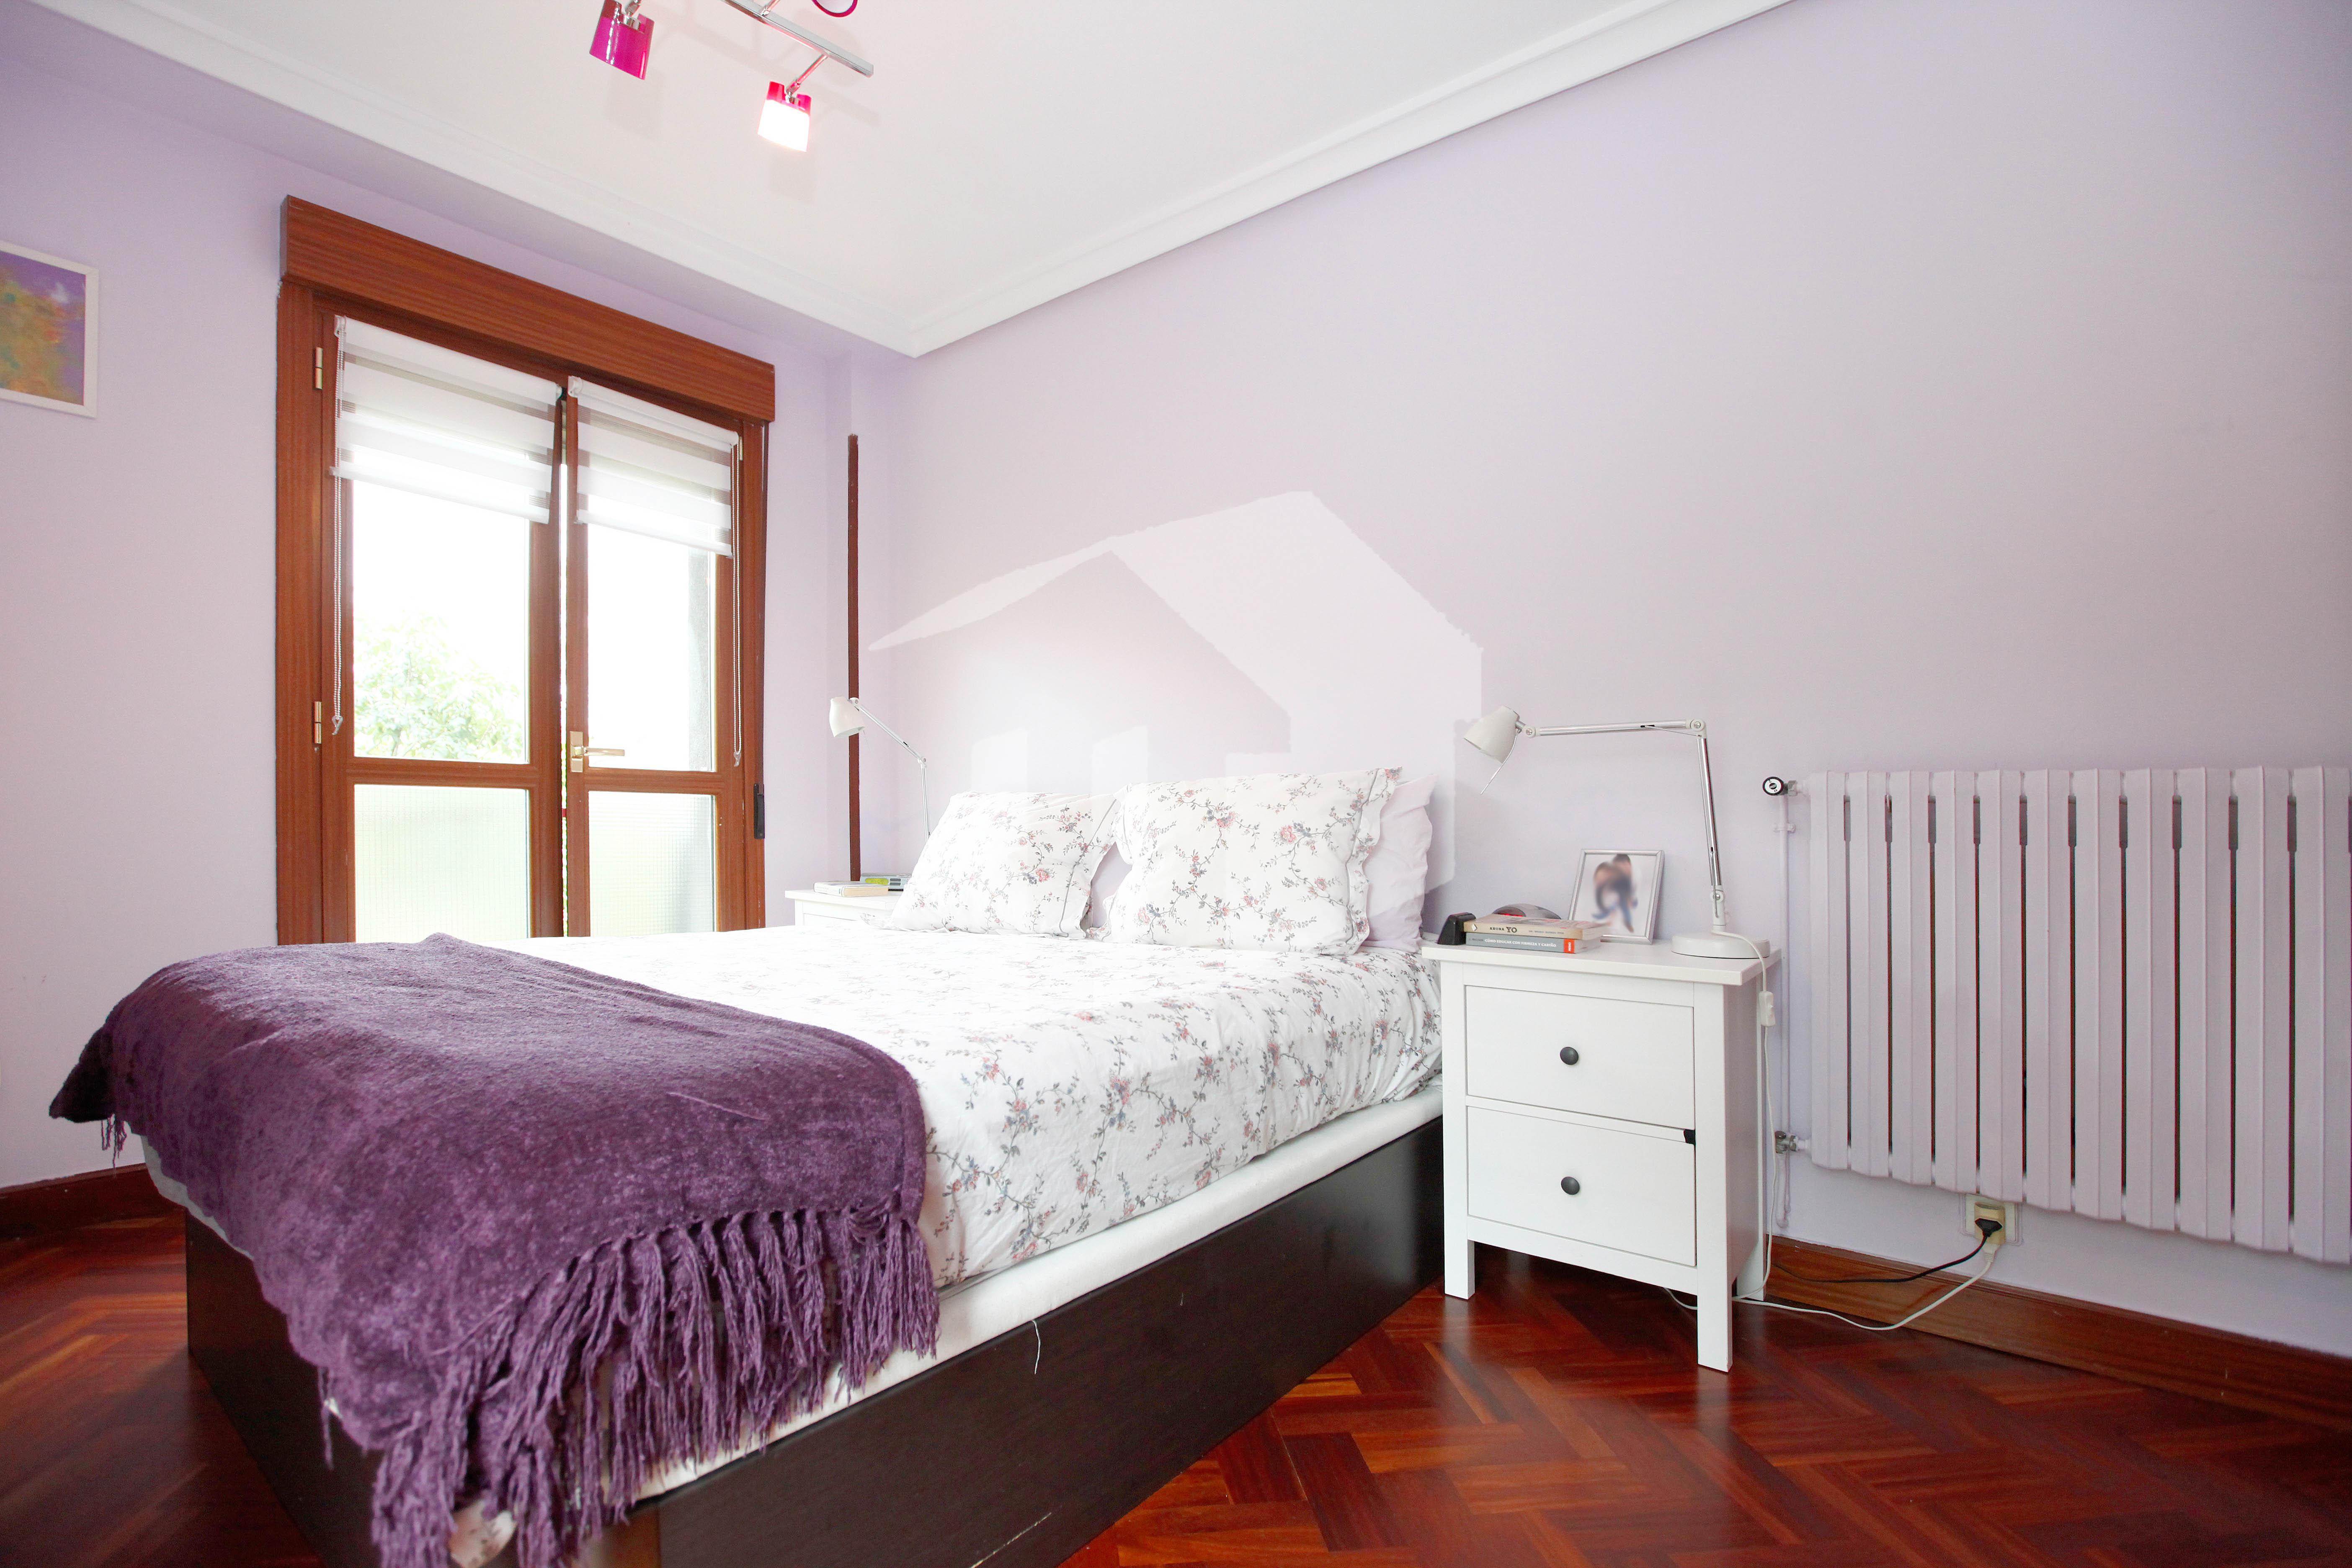 Coqueta vivienda de 71 m²,  en altura y situada en fachada despejada de Arbes con vistas abiertas a Jaizkibel